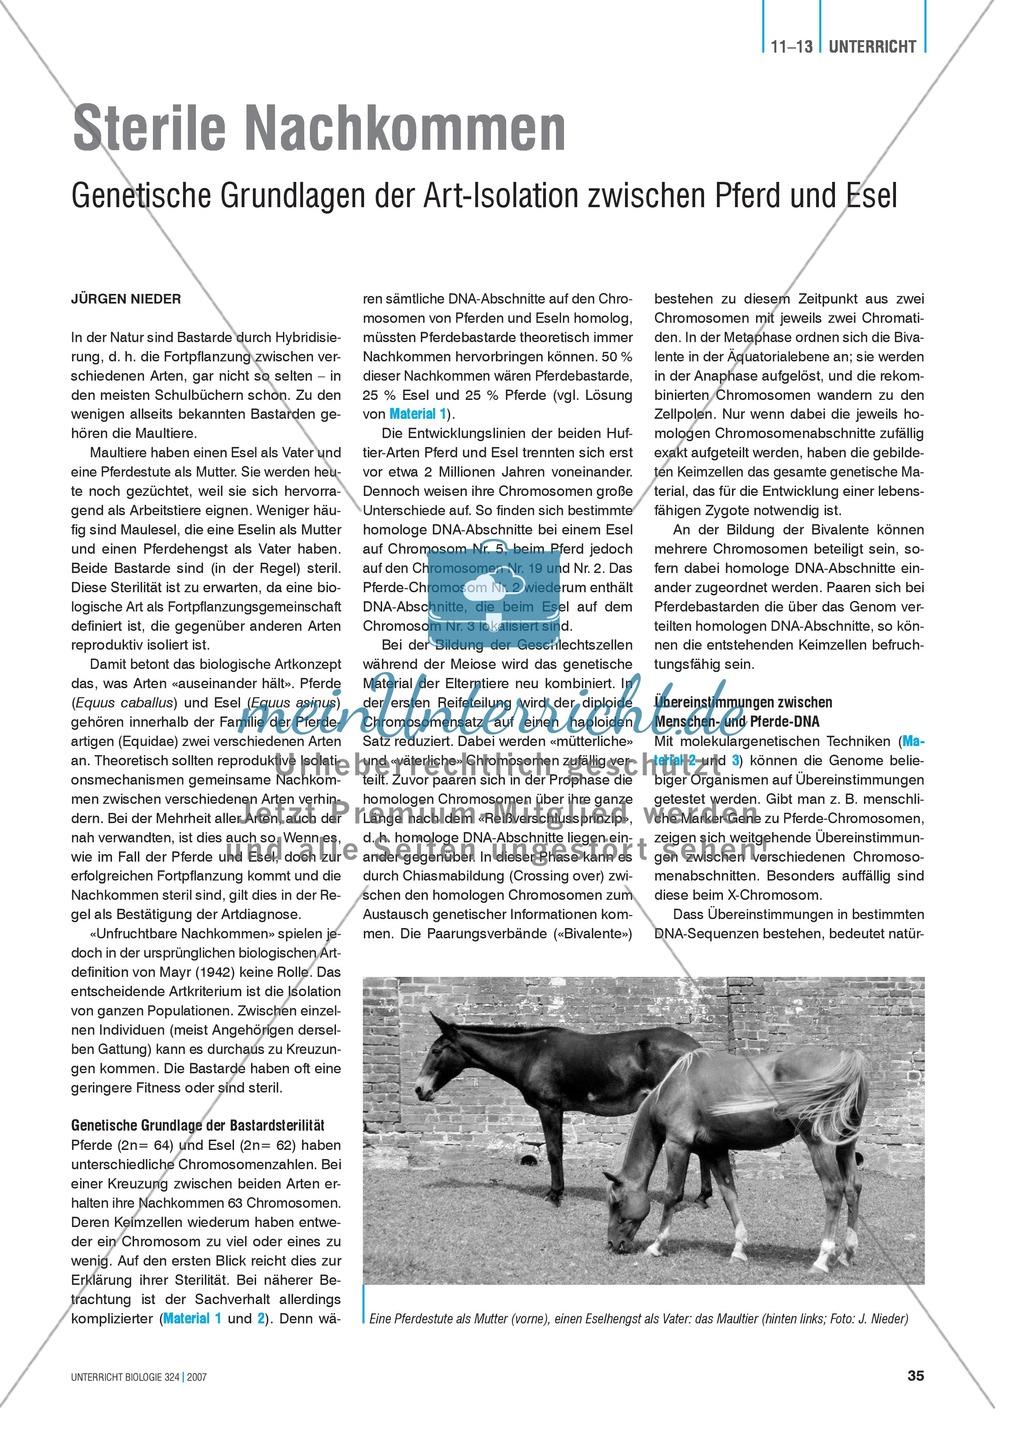 Sterile Nachkommen: Genetische Grundlagen der Art-Isolation zwischen Pferd und Esel. Preview 0